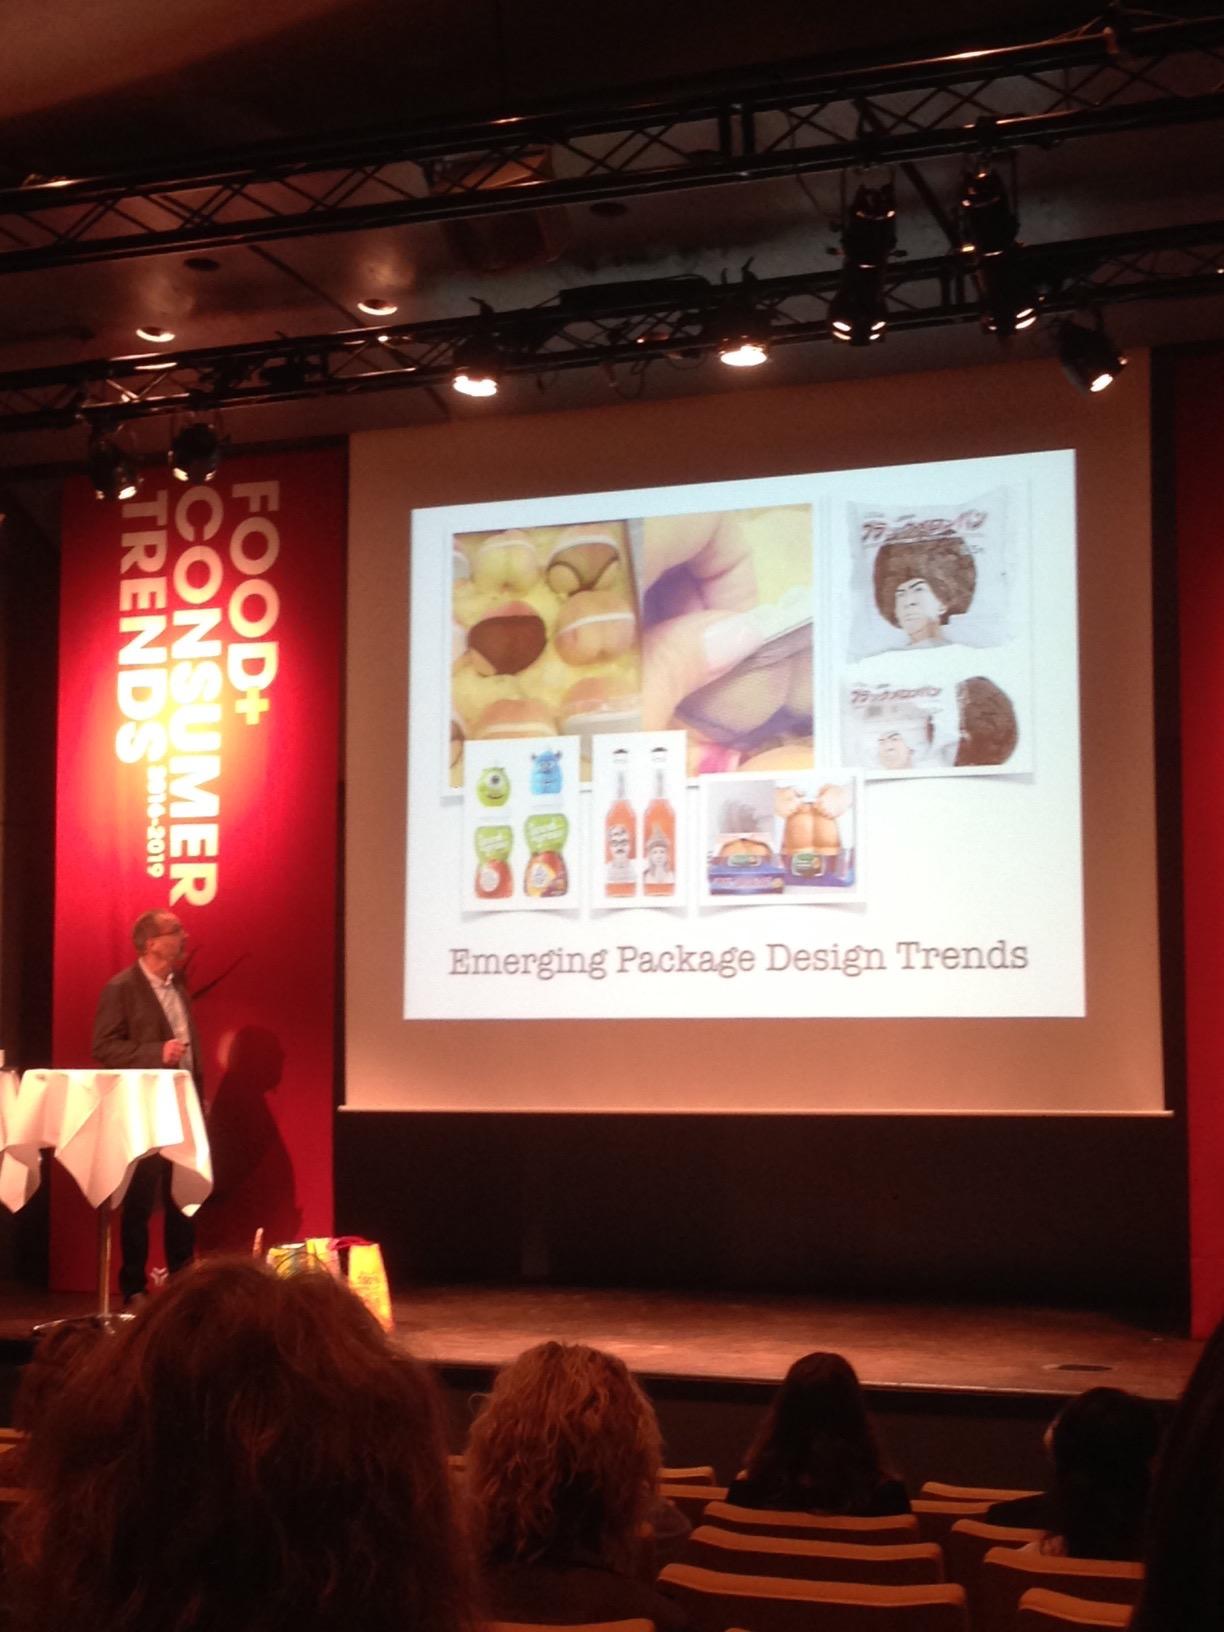 Emballagedesign trends Packaging design trends